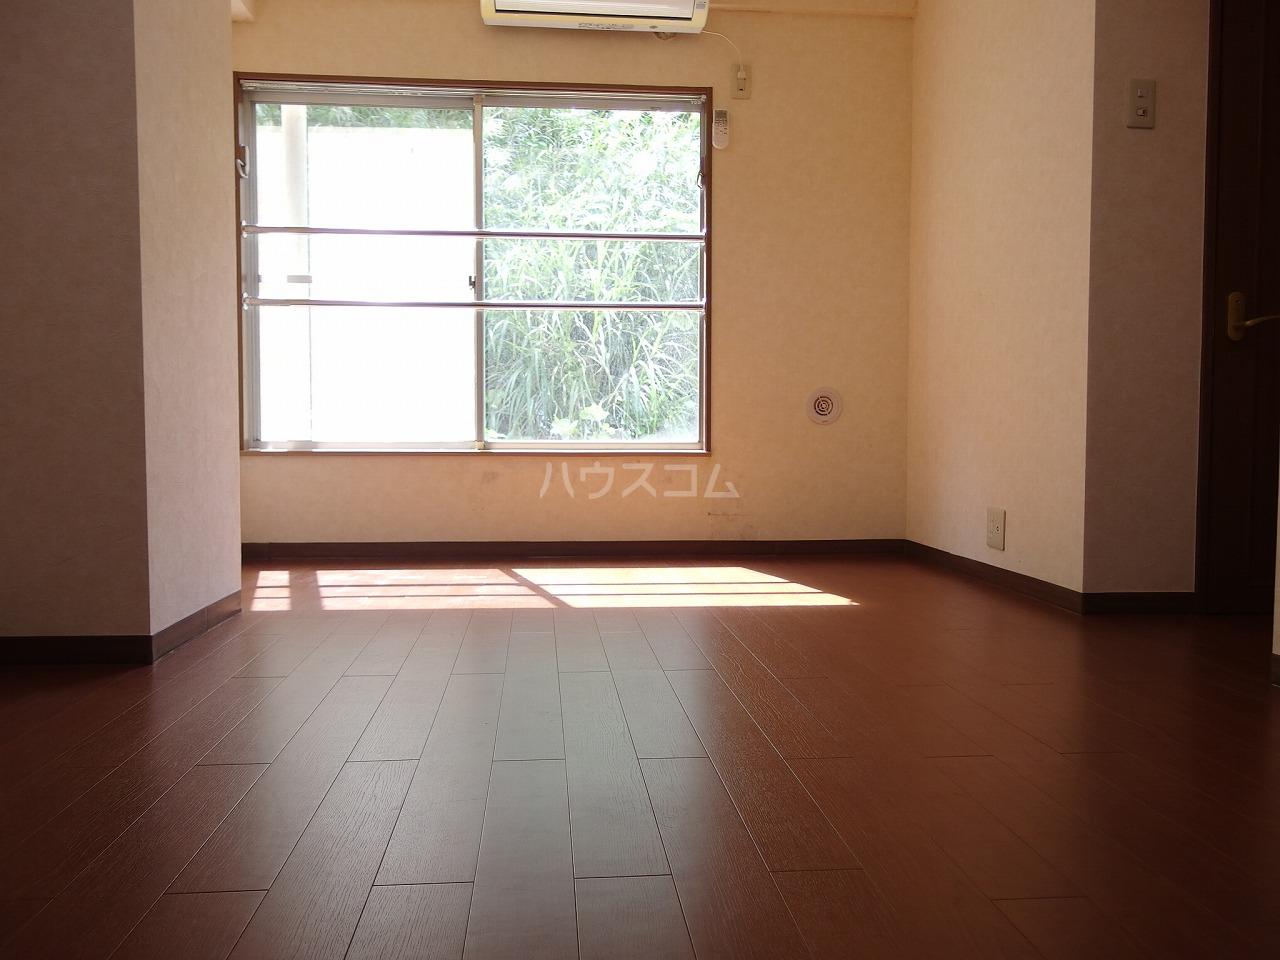 ヴランドール桜ヶ丘 304号室の居室